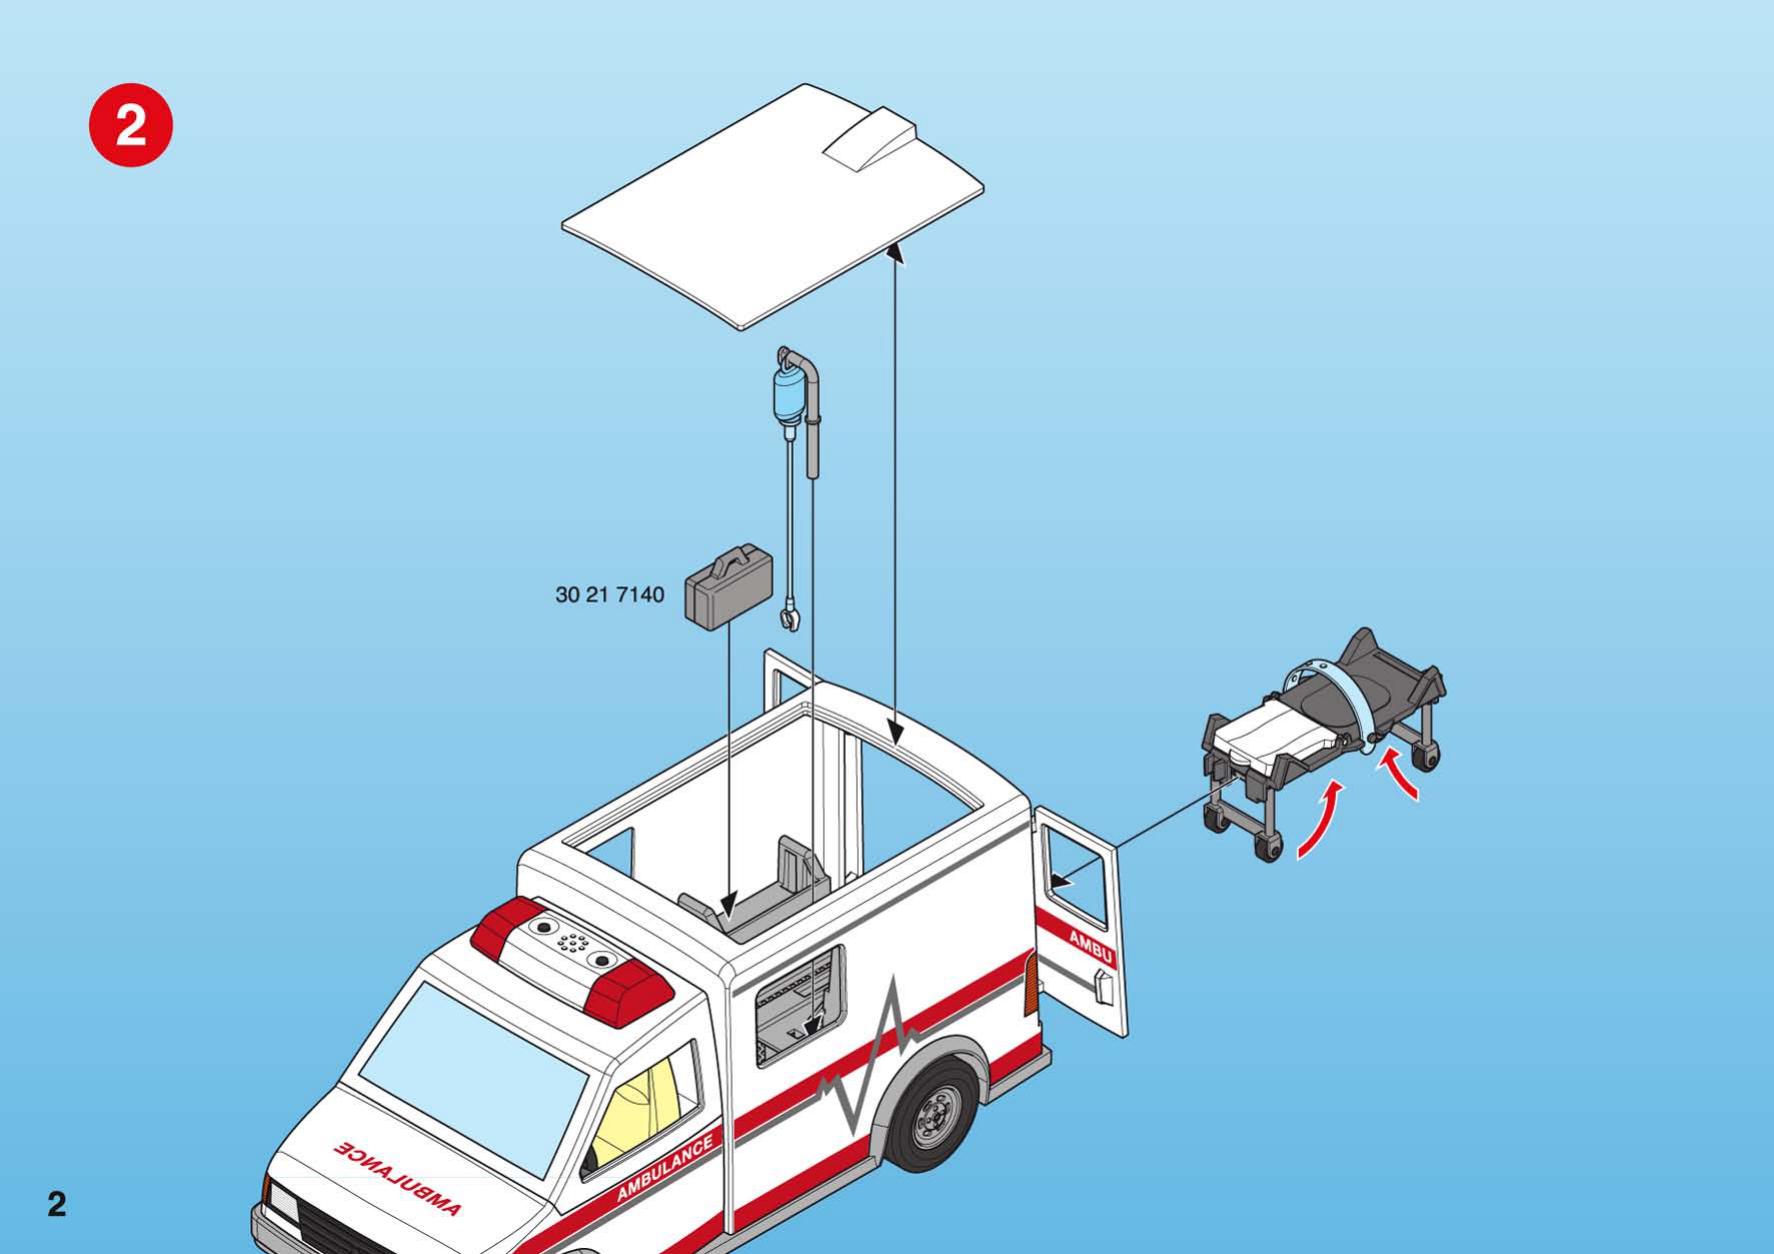 Playmobil ambulance manual